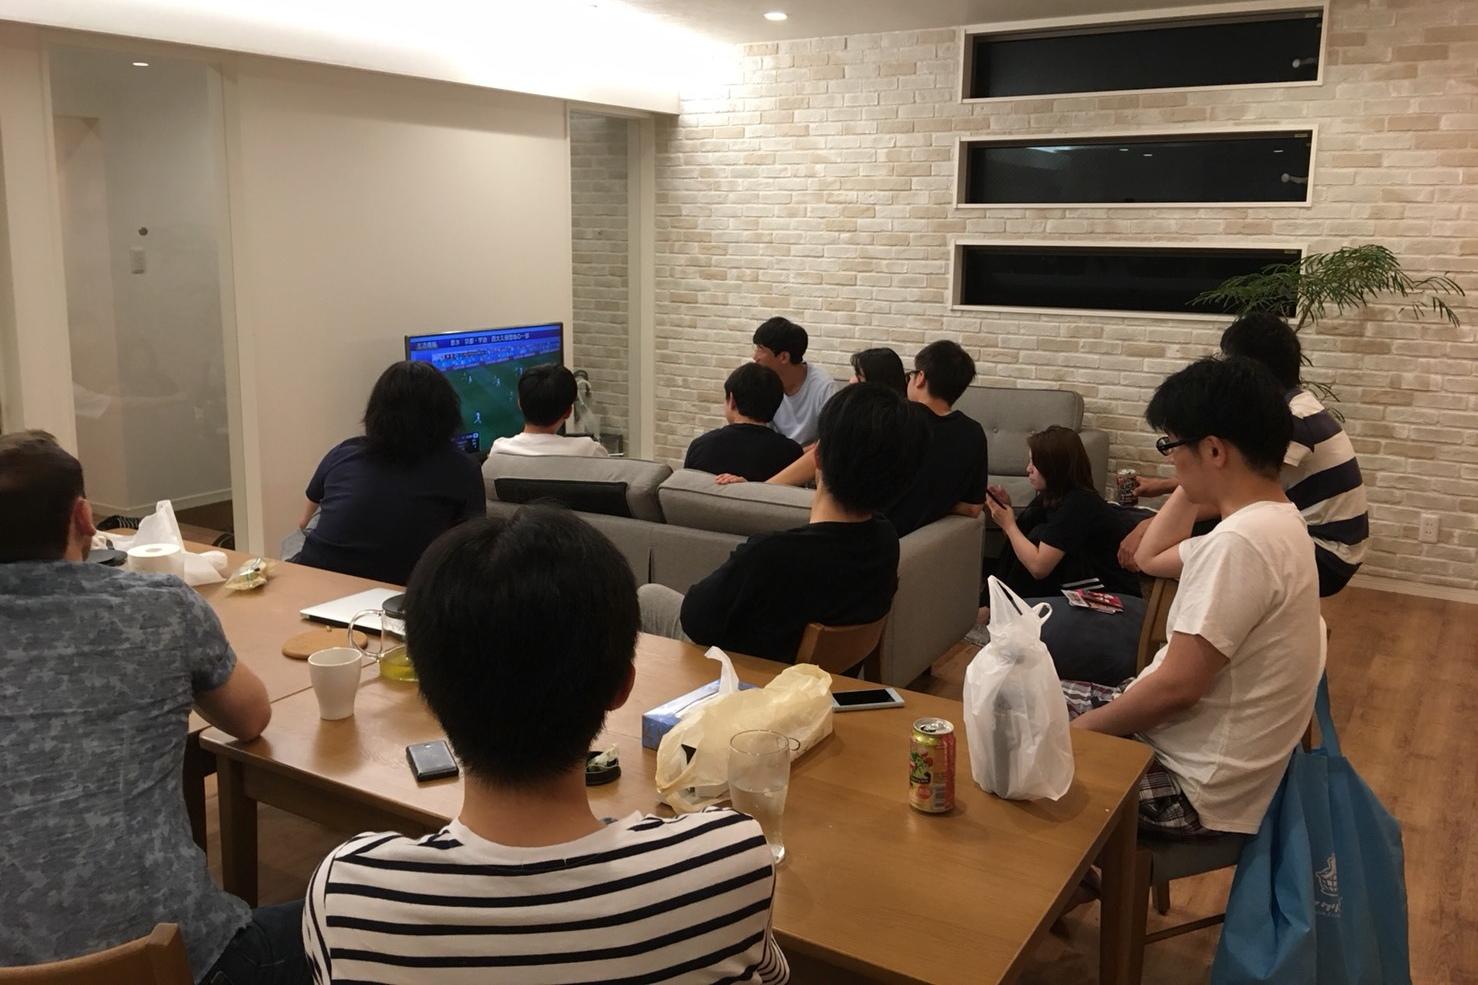 シェアハウスでワールドカップ観戦